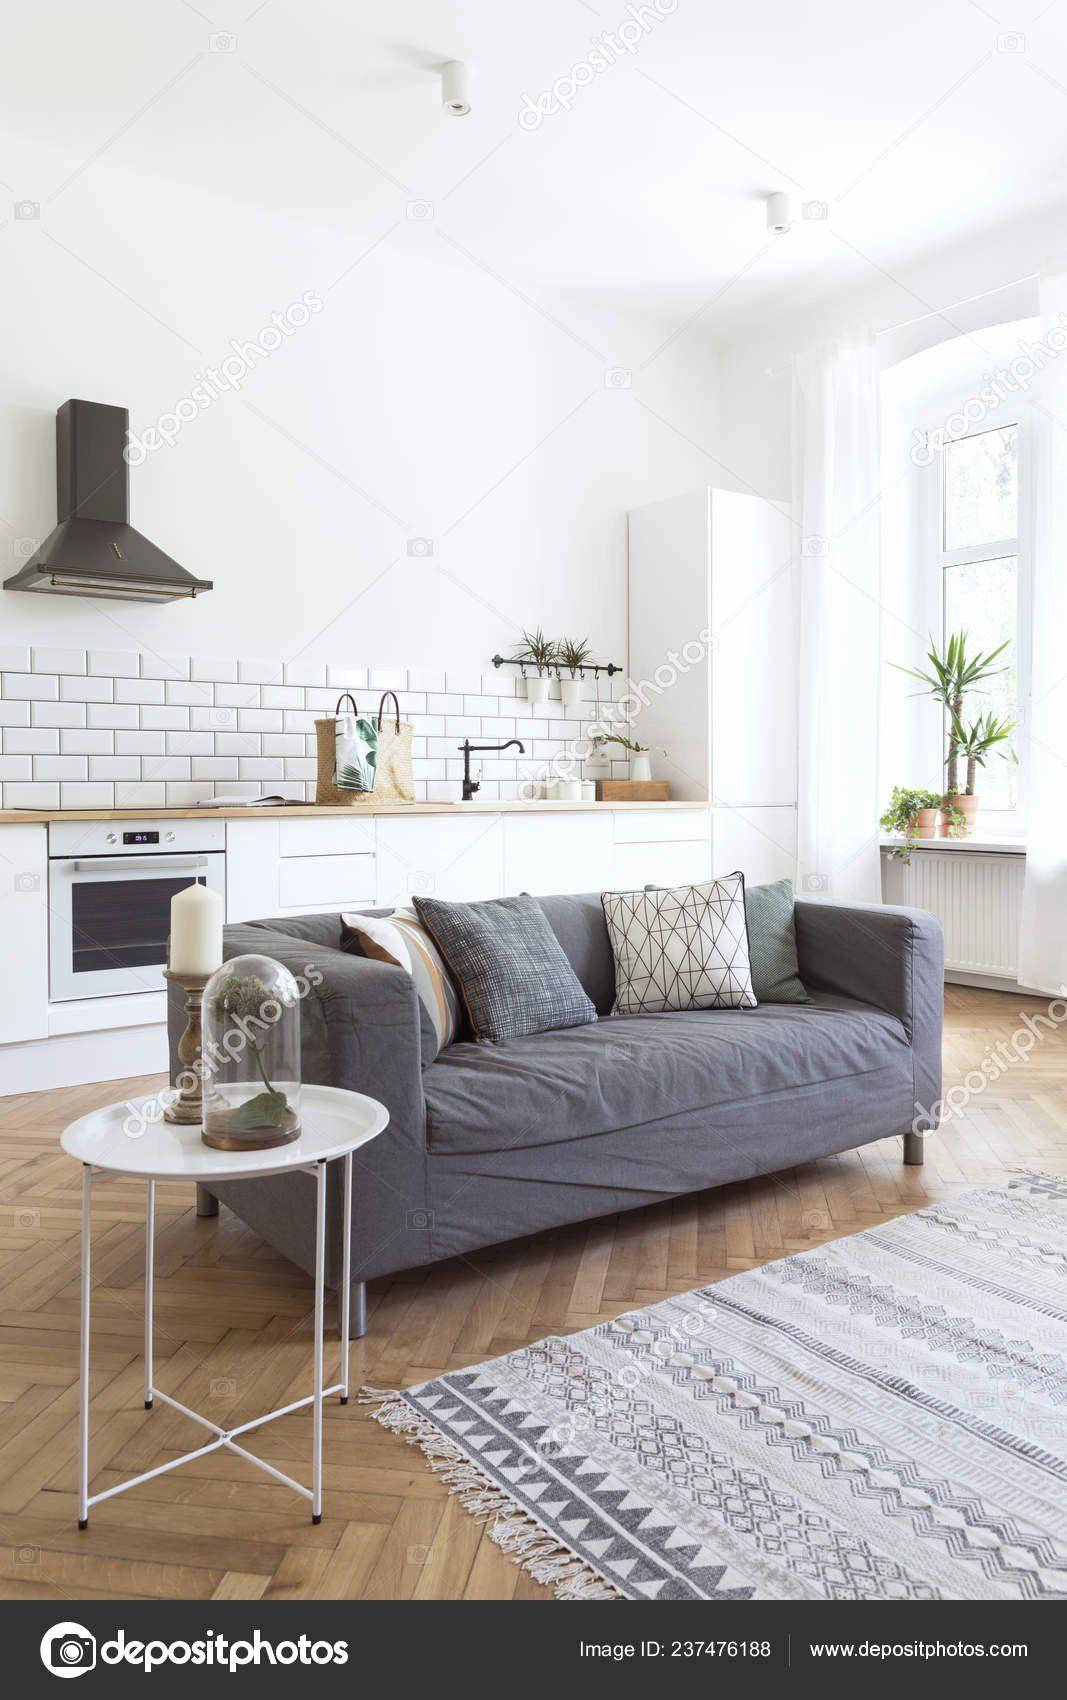 White Walls Living Room Inspirational Modern Open Interior Living Room Kitchen Sty In 2020 White Walls Living Room White Furniture Living Room Modern White Living Room